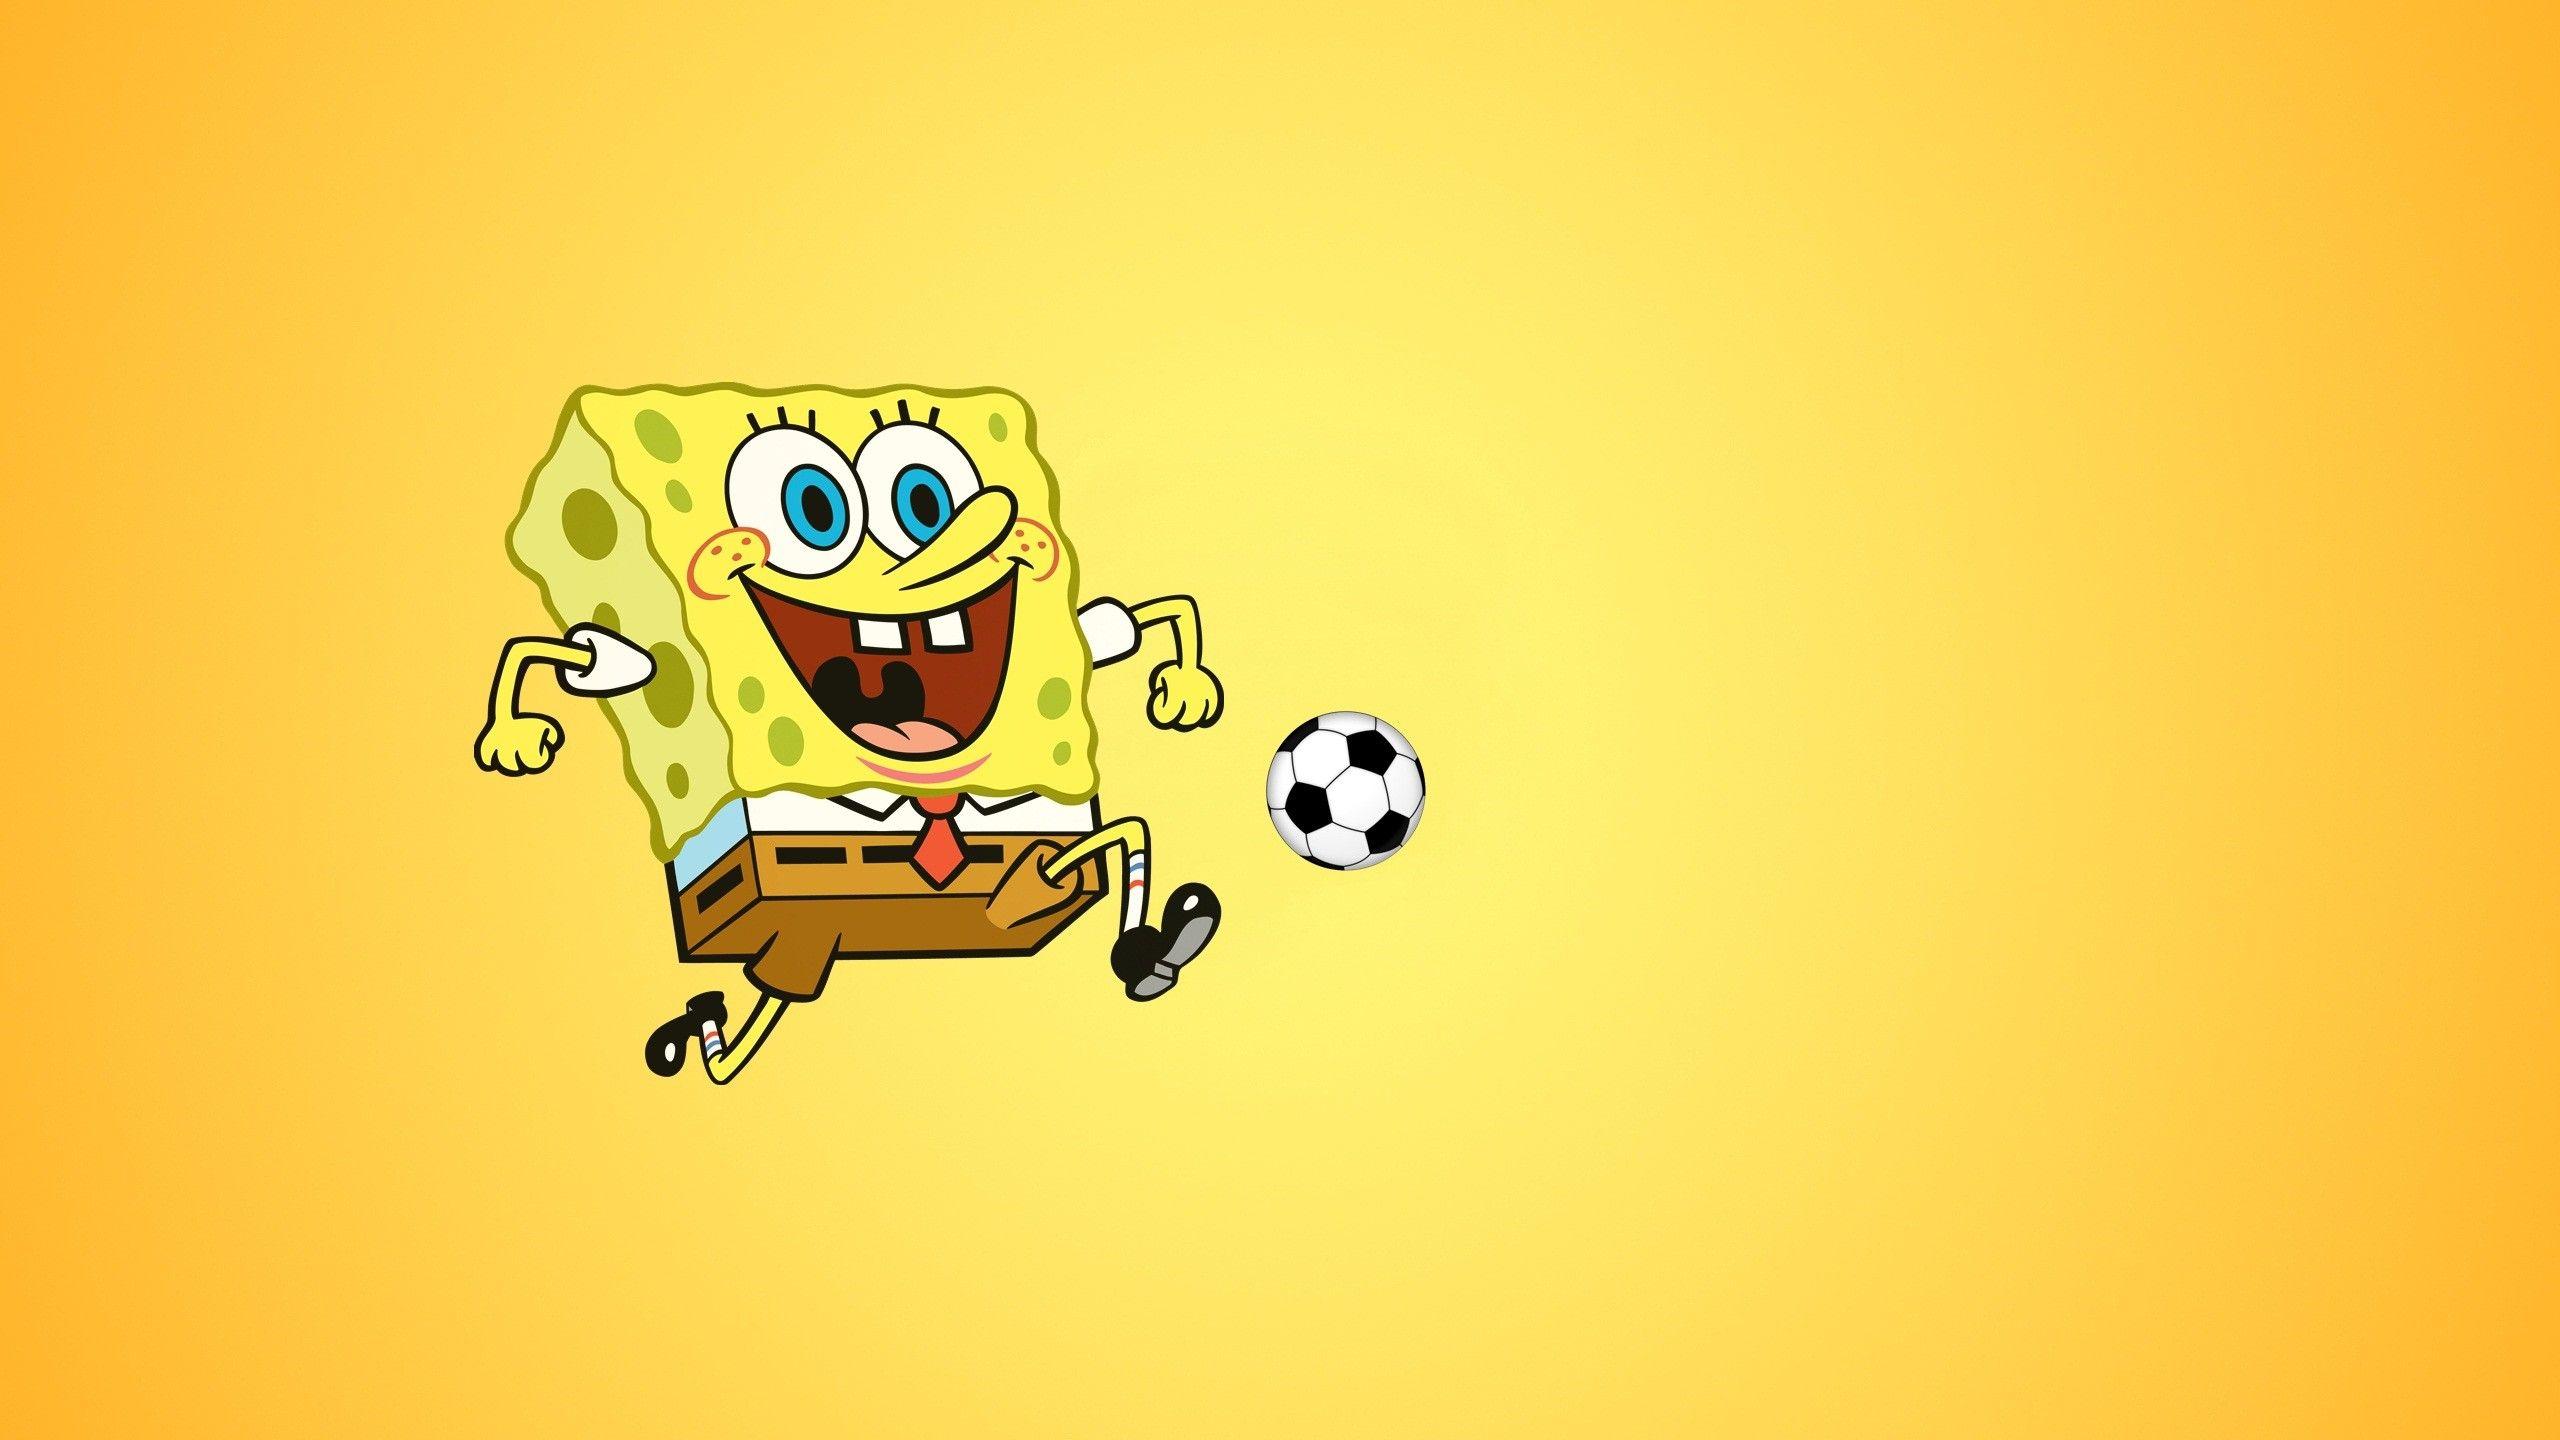 Aesthetic Spongebob Meme Wallpaper ...